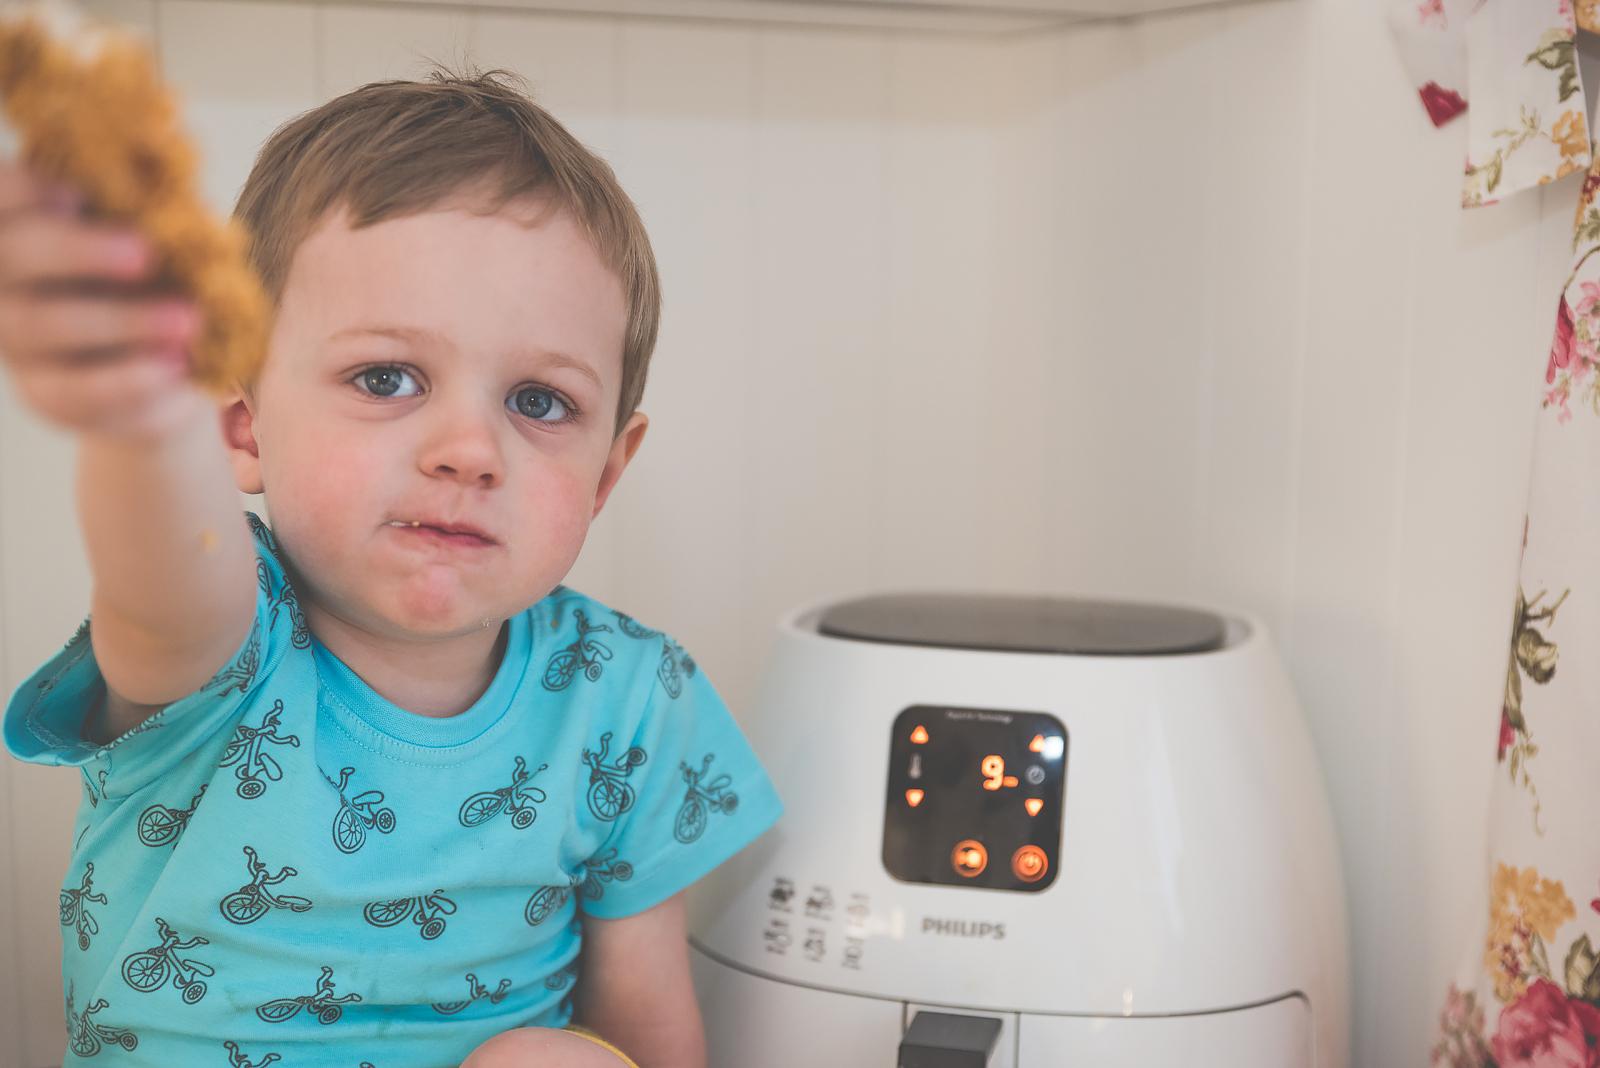 Philips Airfryer Przepisy Test Bakusiowo Domowe Frytki KFC w domu00036